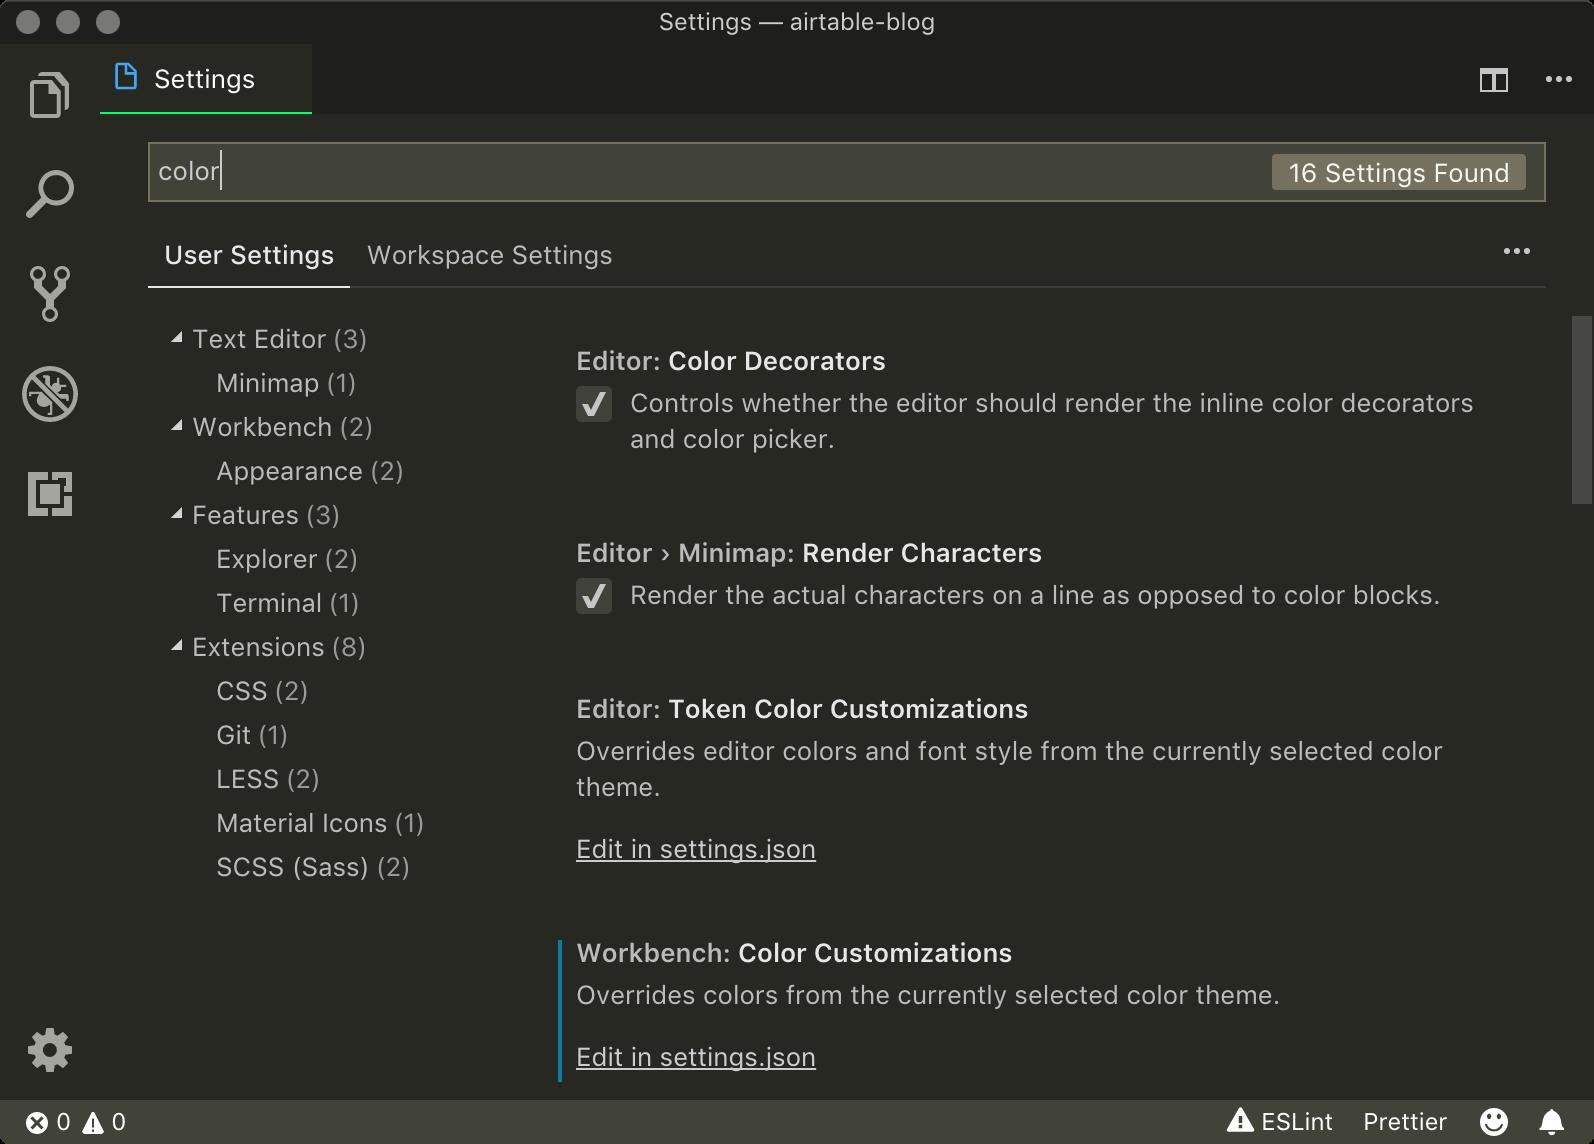 VSCodeの設定画面で「color」で検索するところ